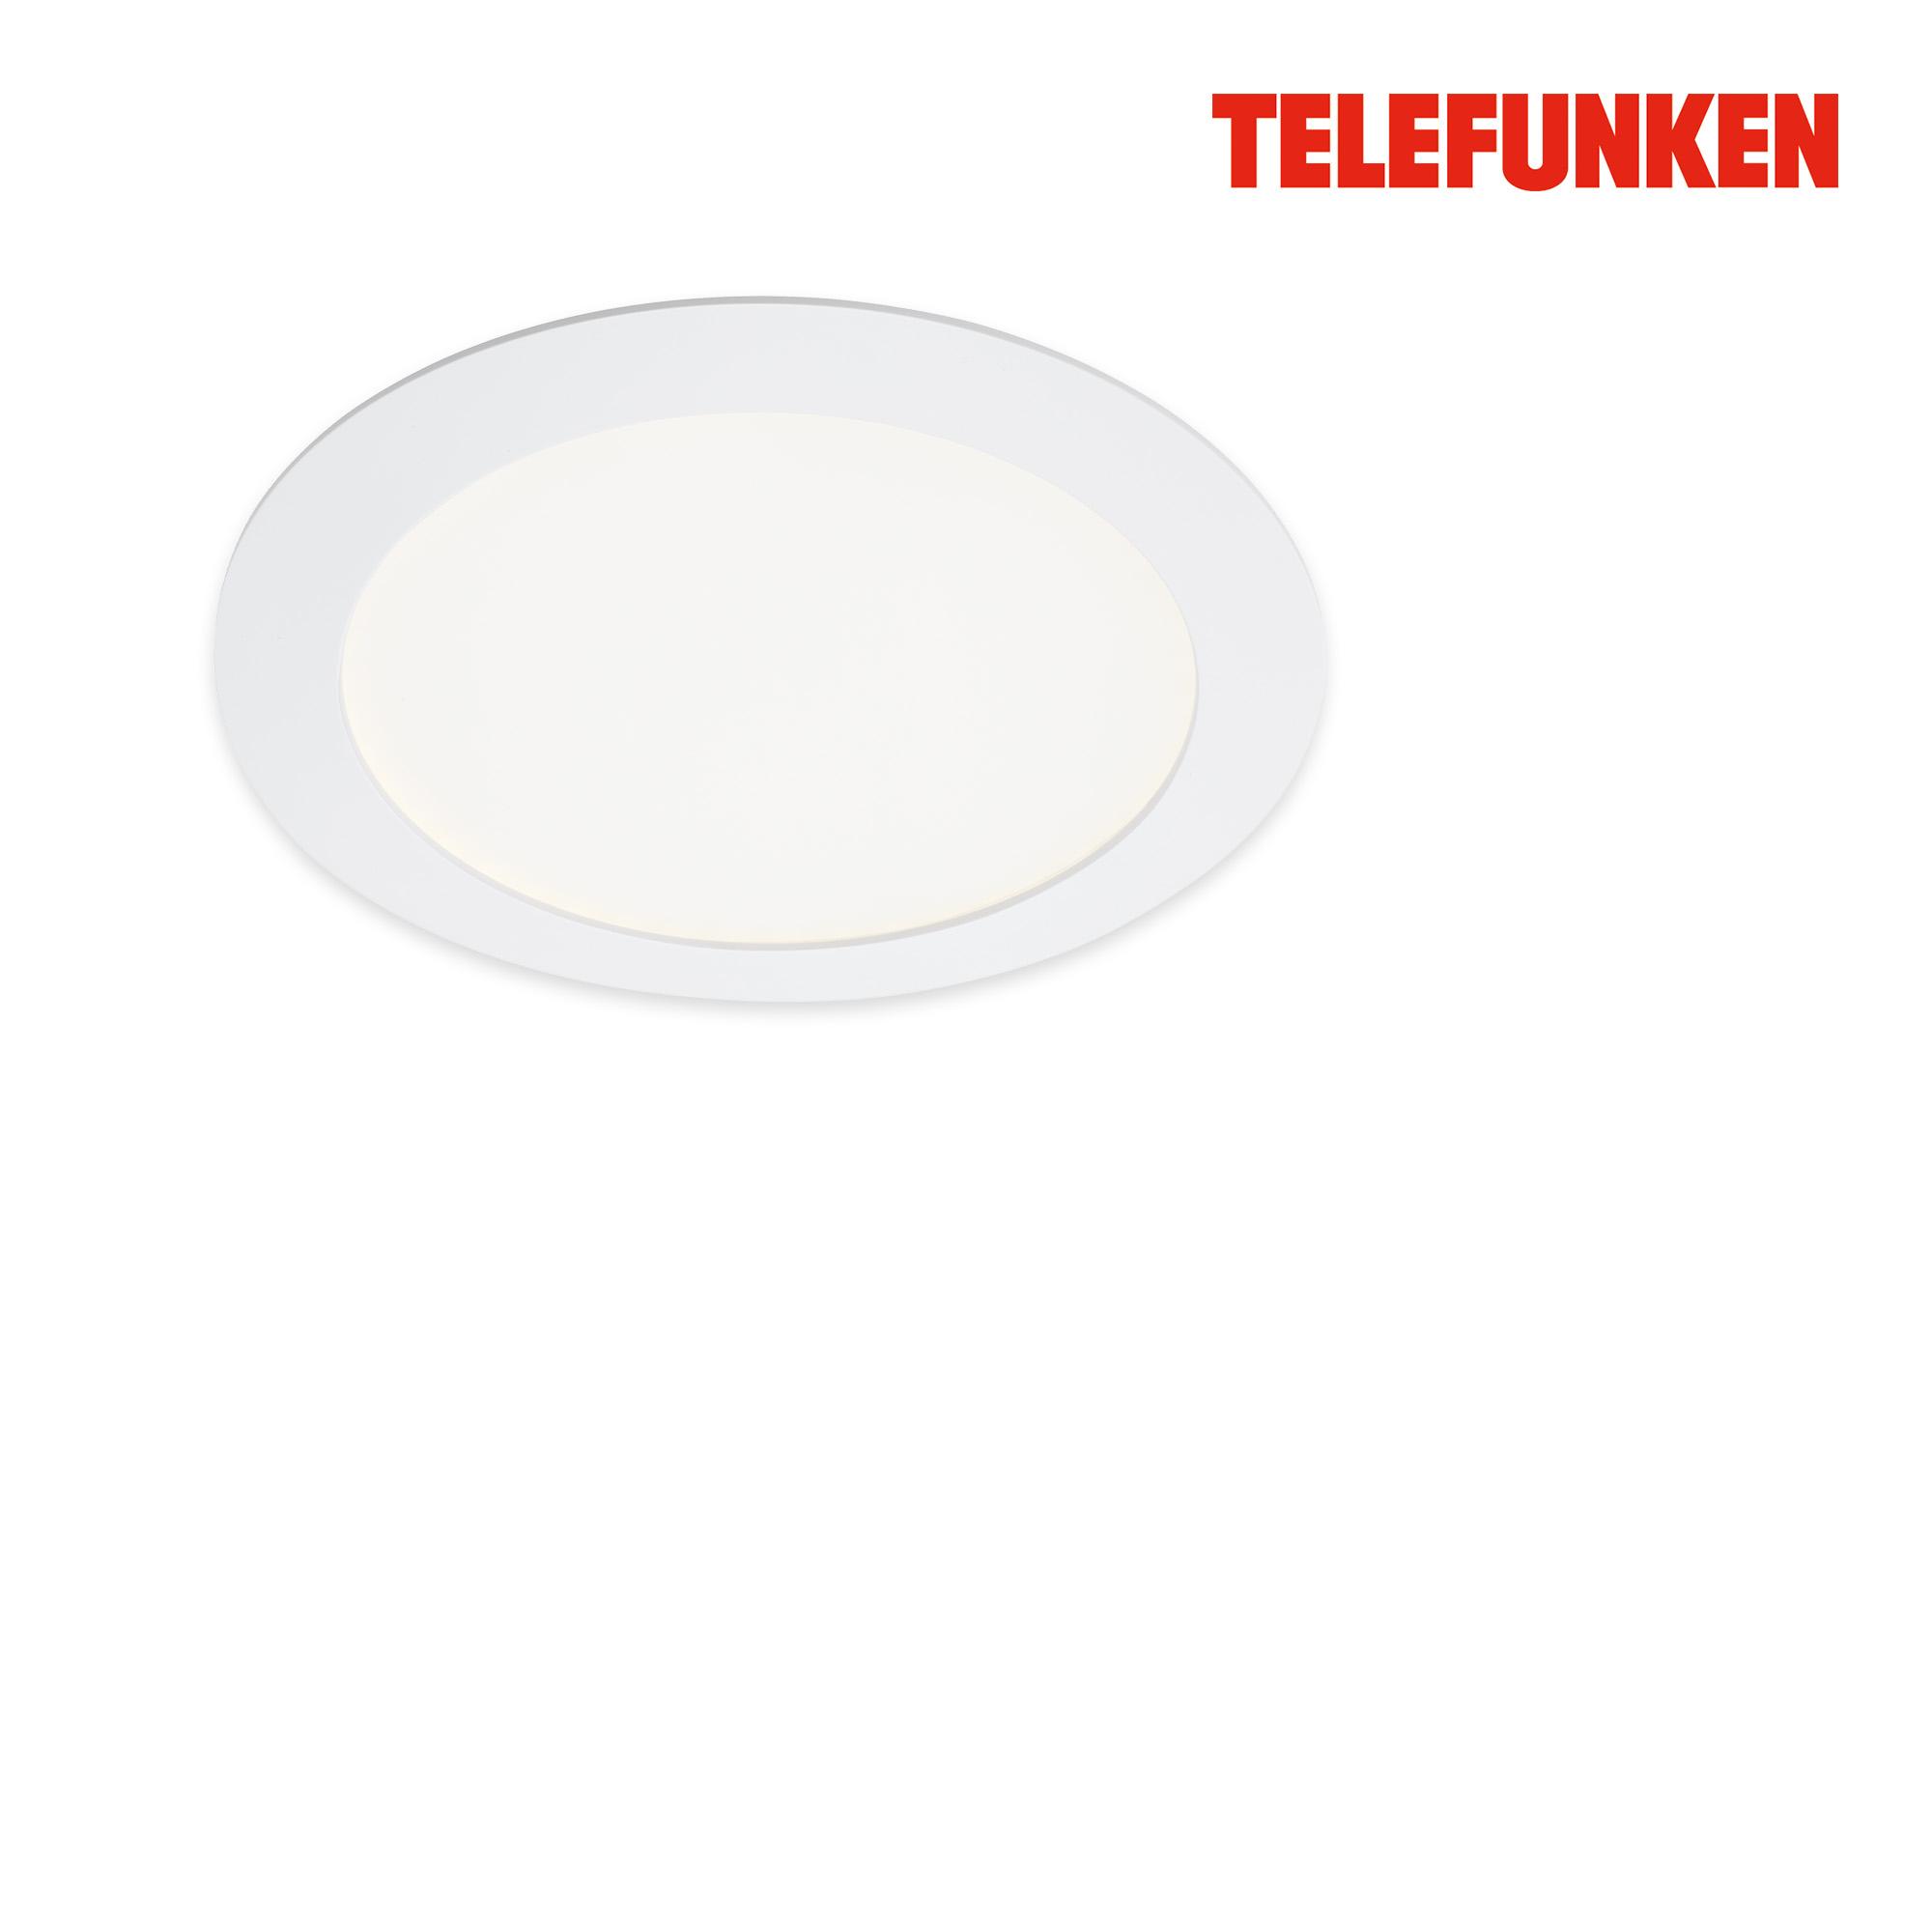 TELEFUNKEN Smart LED Einbauleuchte, Ø 17 cm, 12 W, Weiß